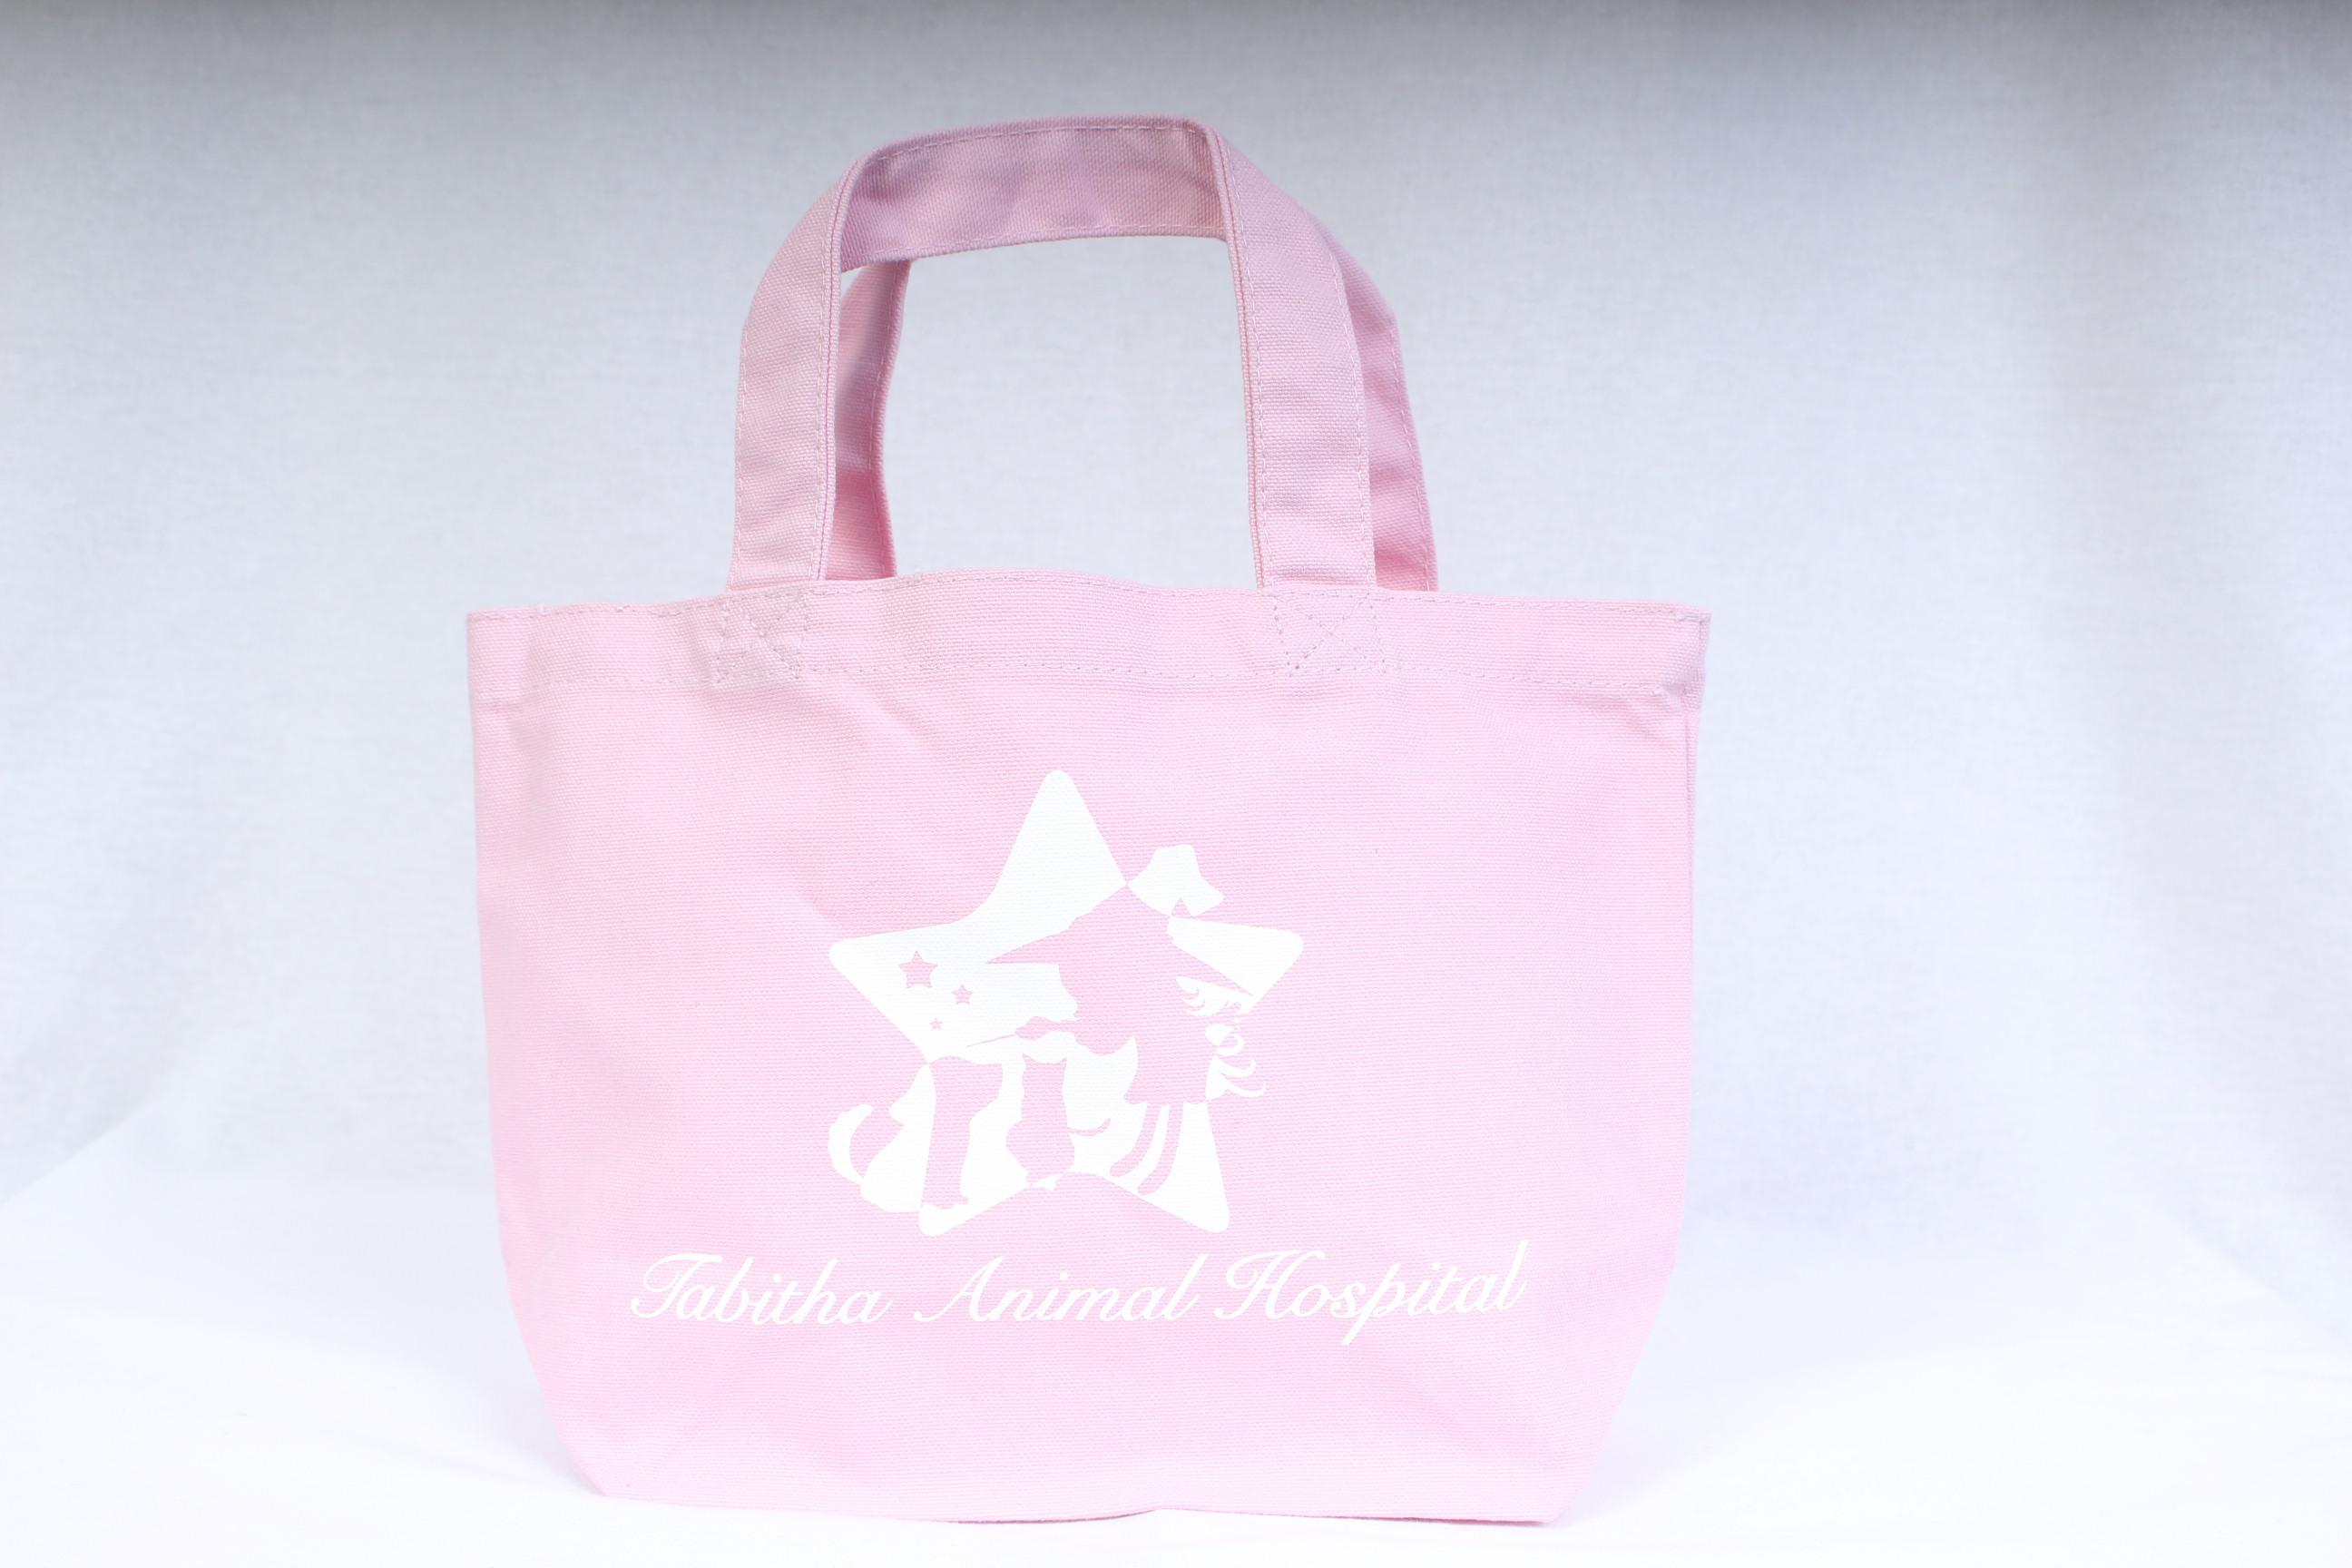 動物病院のオリジナル布バッグ